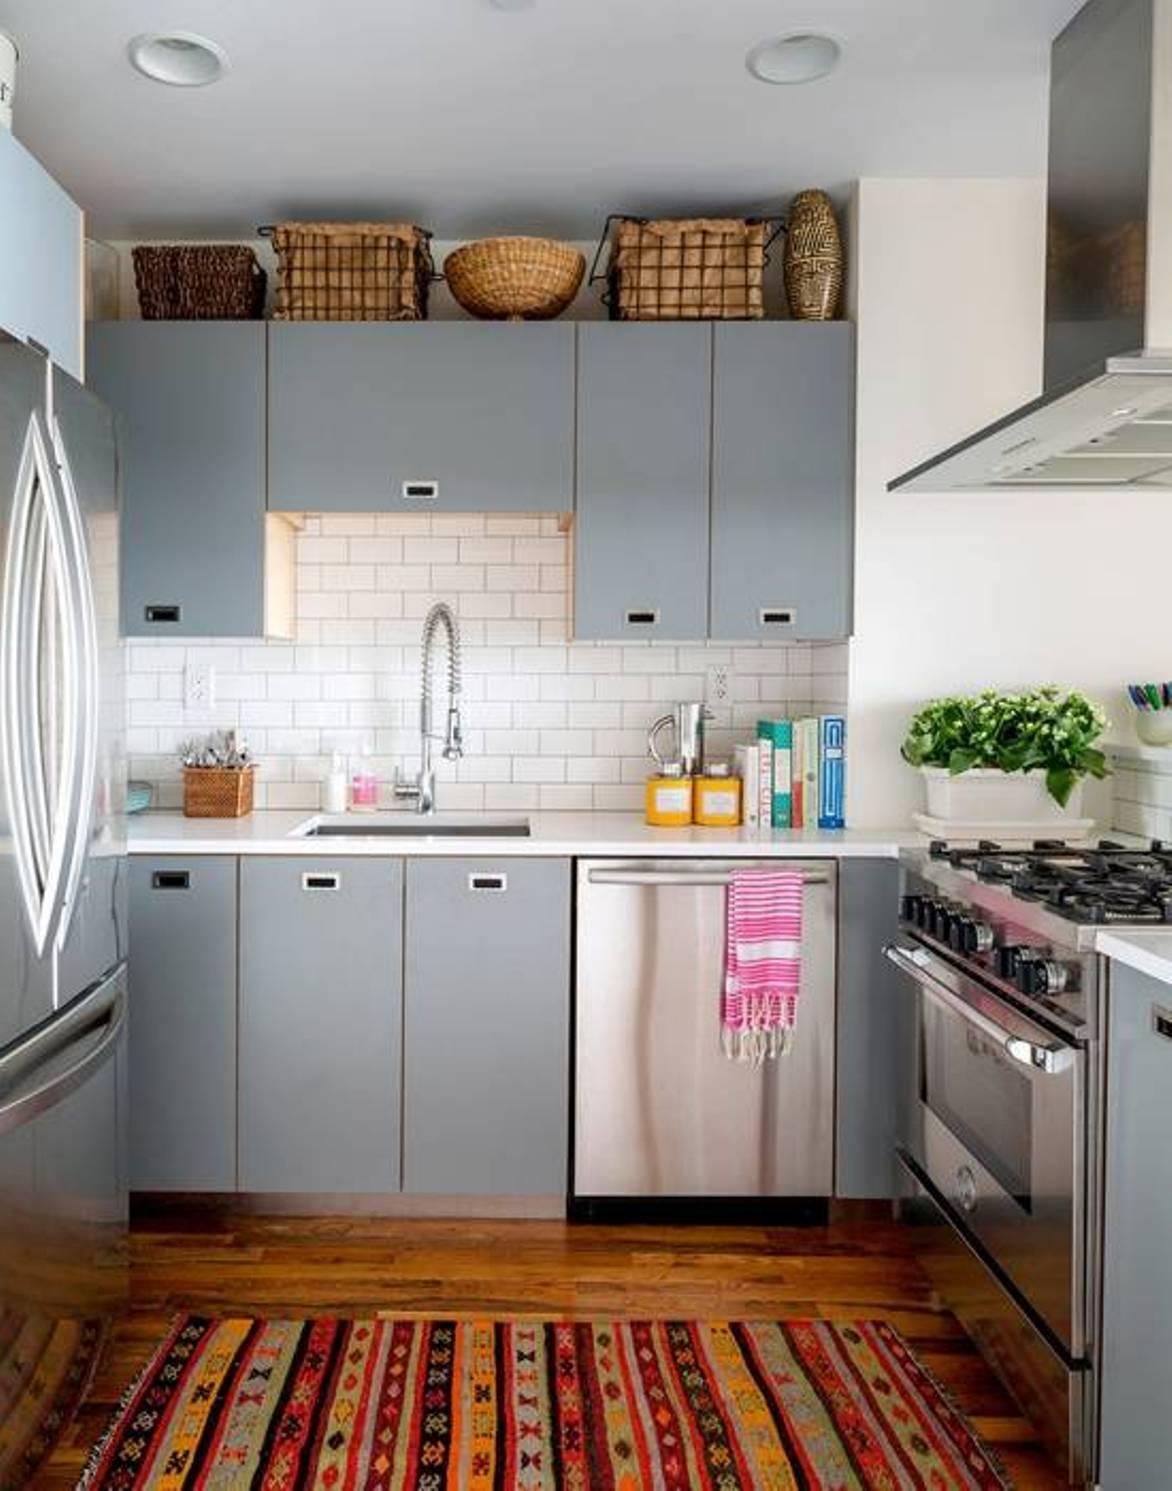 بالصور ديكور المطبخ , افكار مطرقعة لديكور المطبخ 3560 2